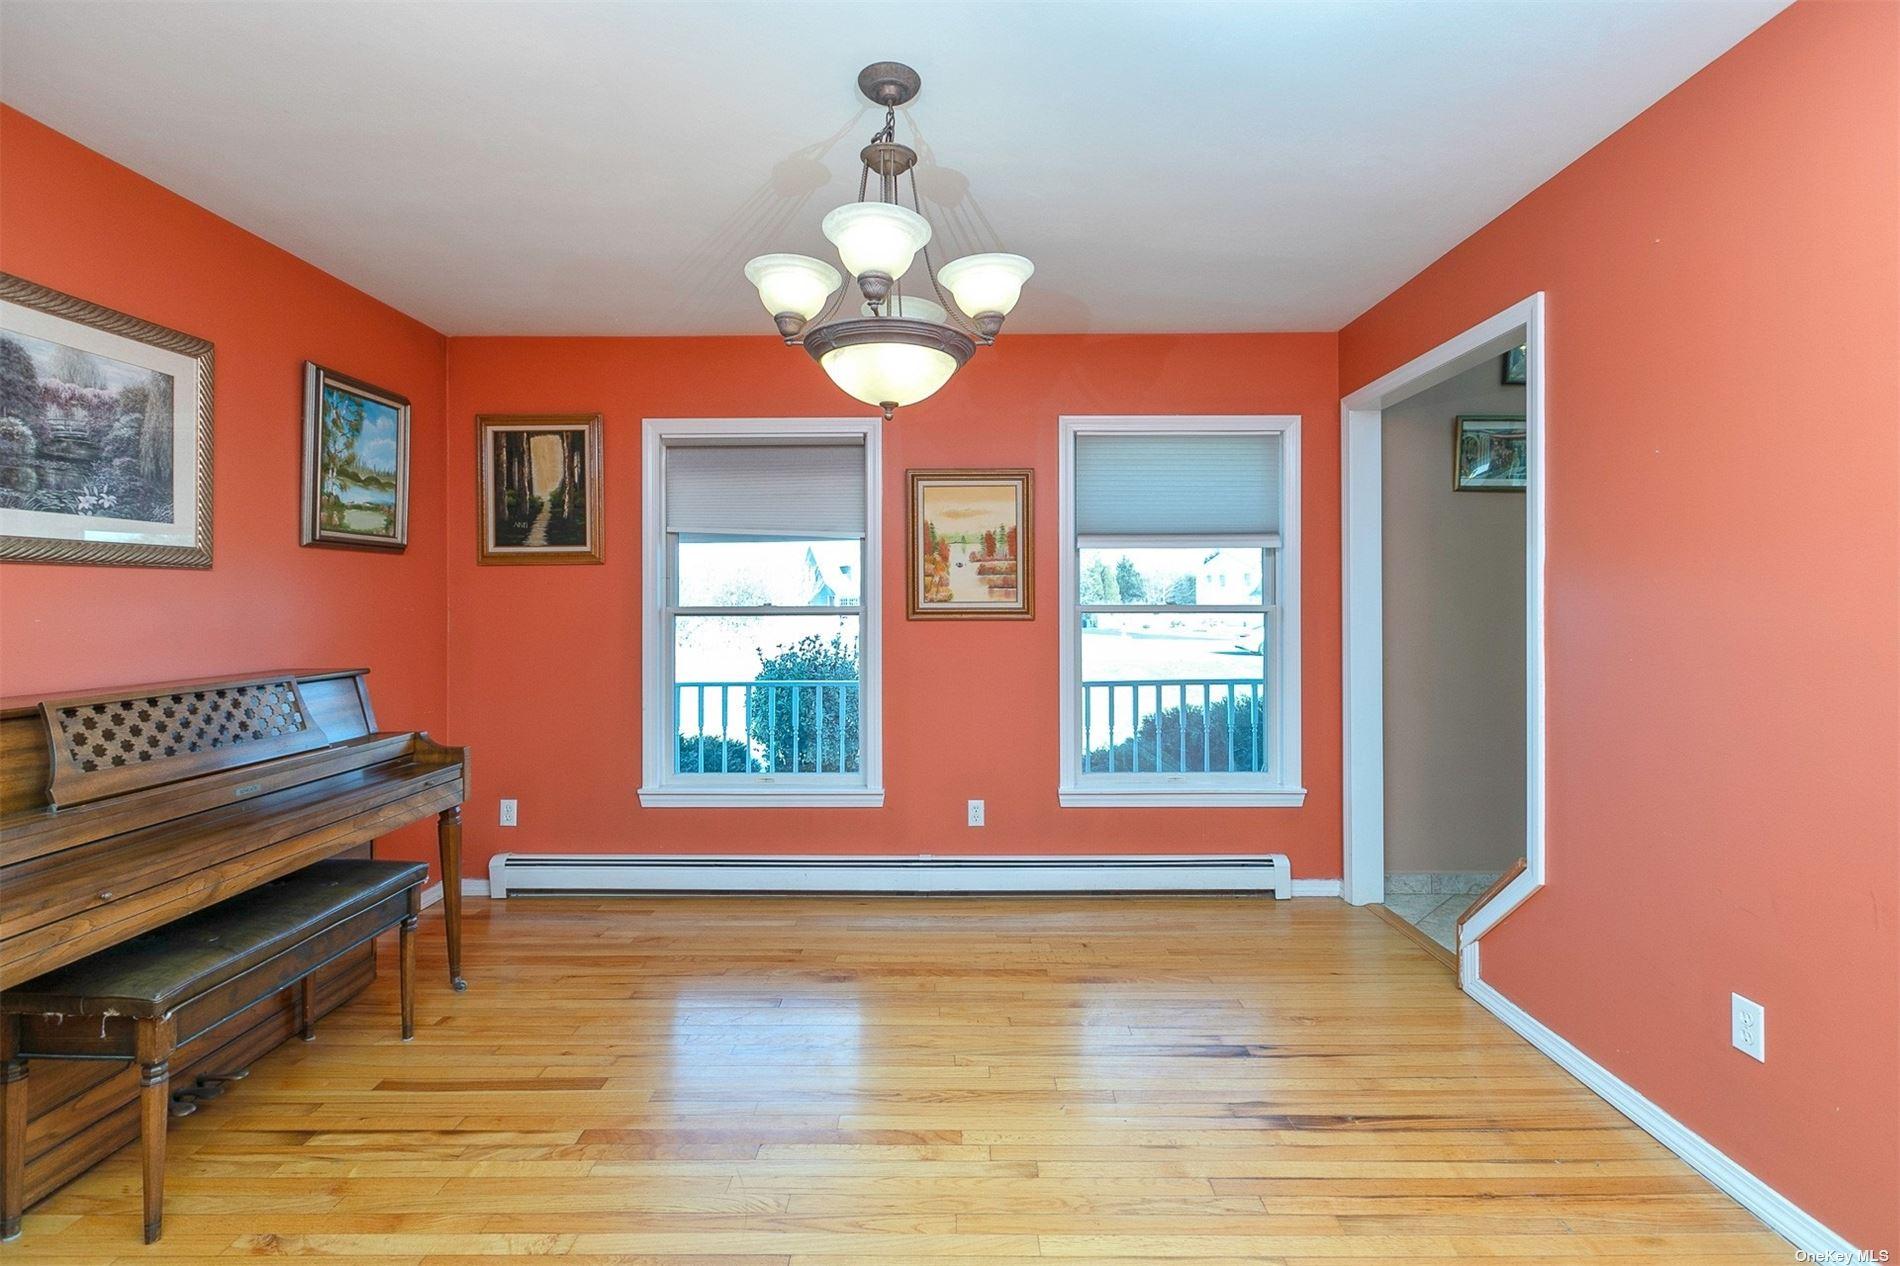 2465 Gabriella Court, Mattituck, Southold, NY 11952